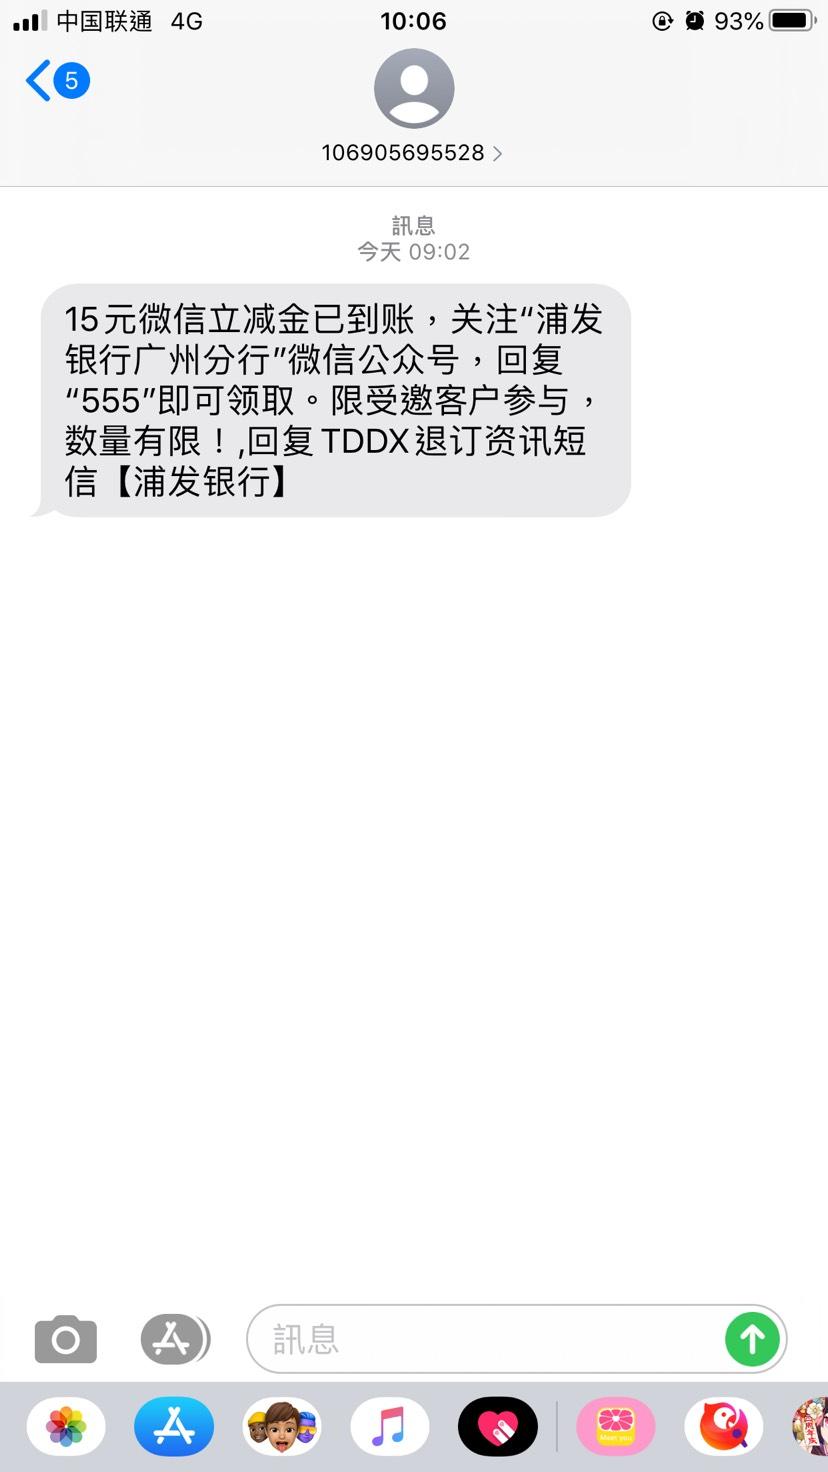 图片[1]-15微信立减金-老友薅羊毛活动线报网